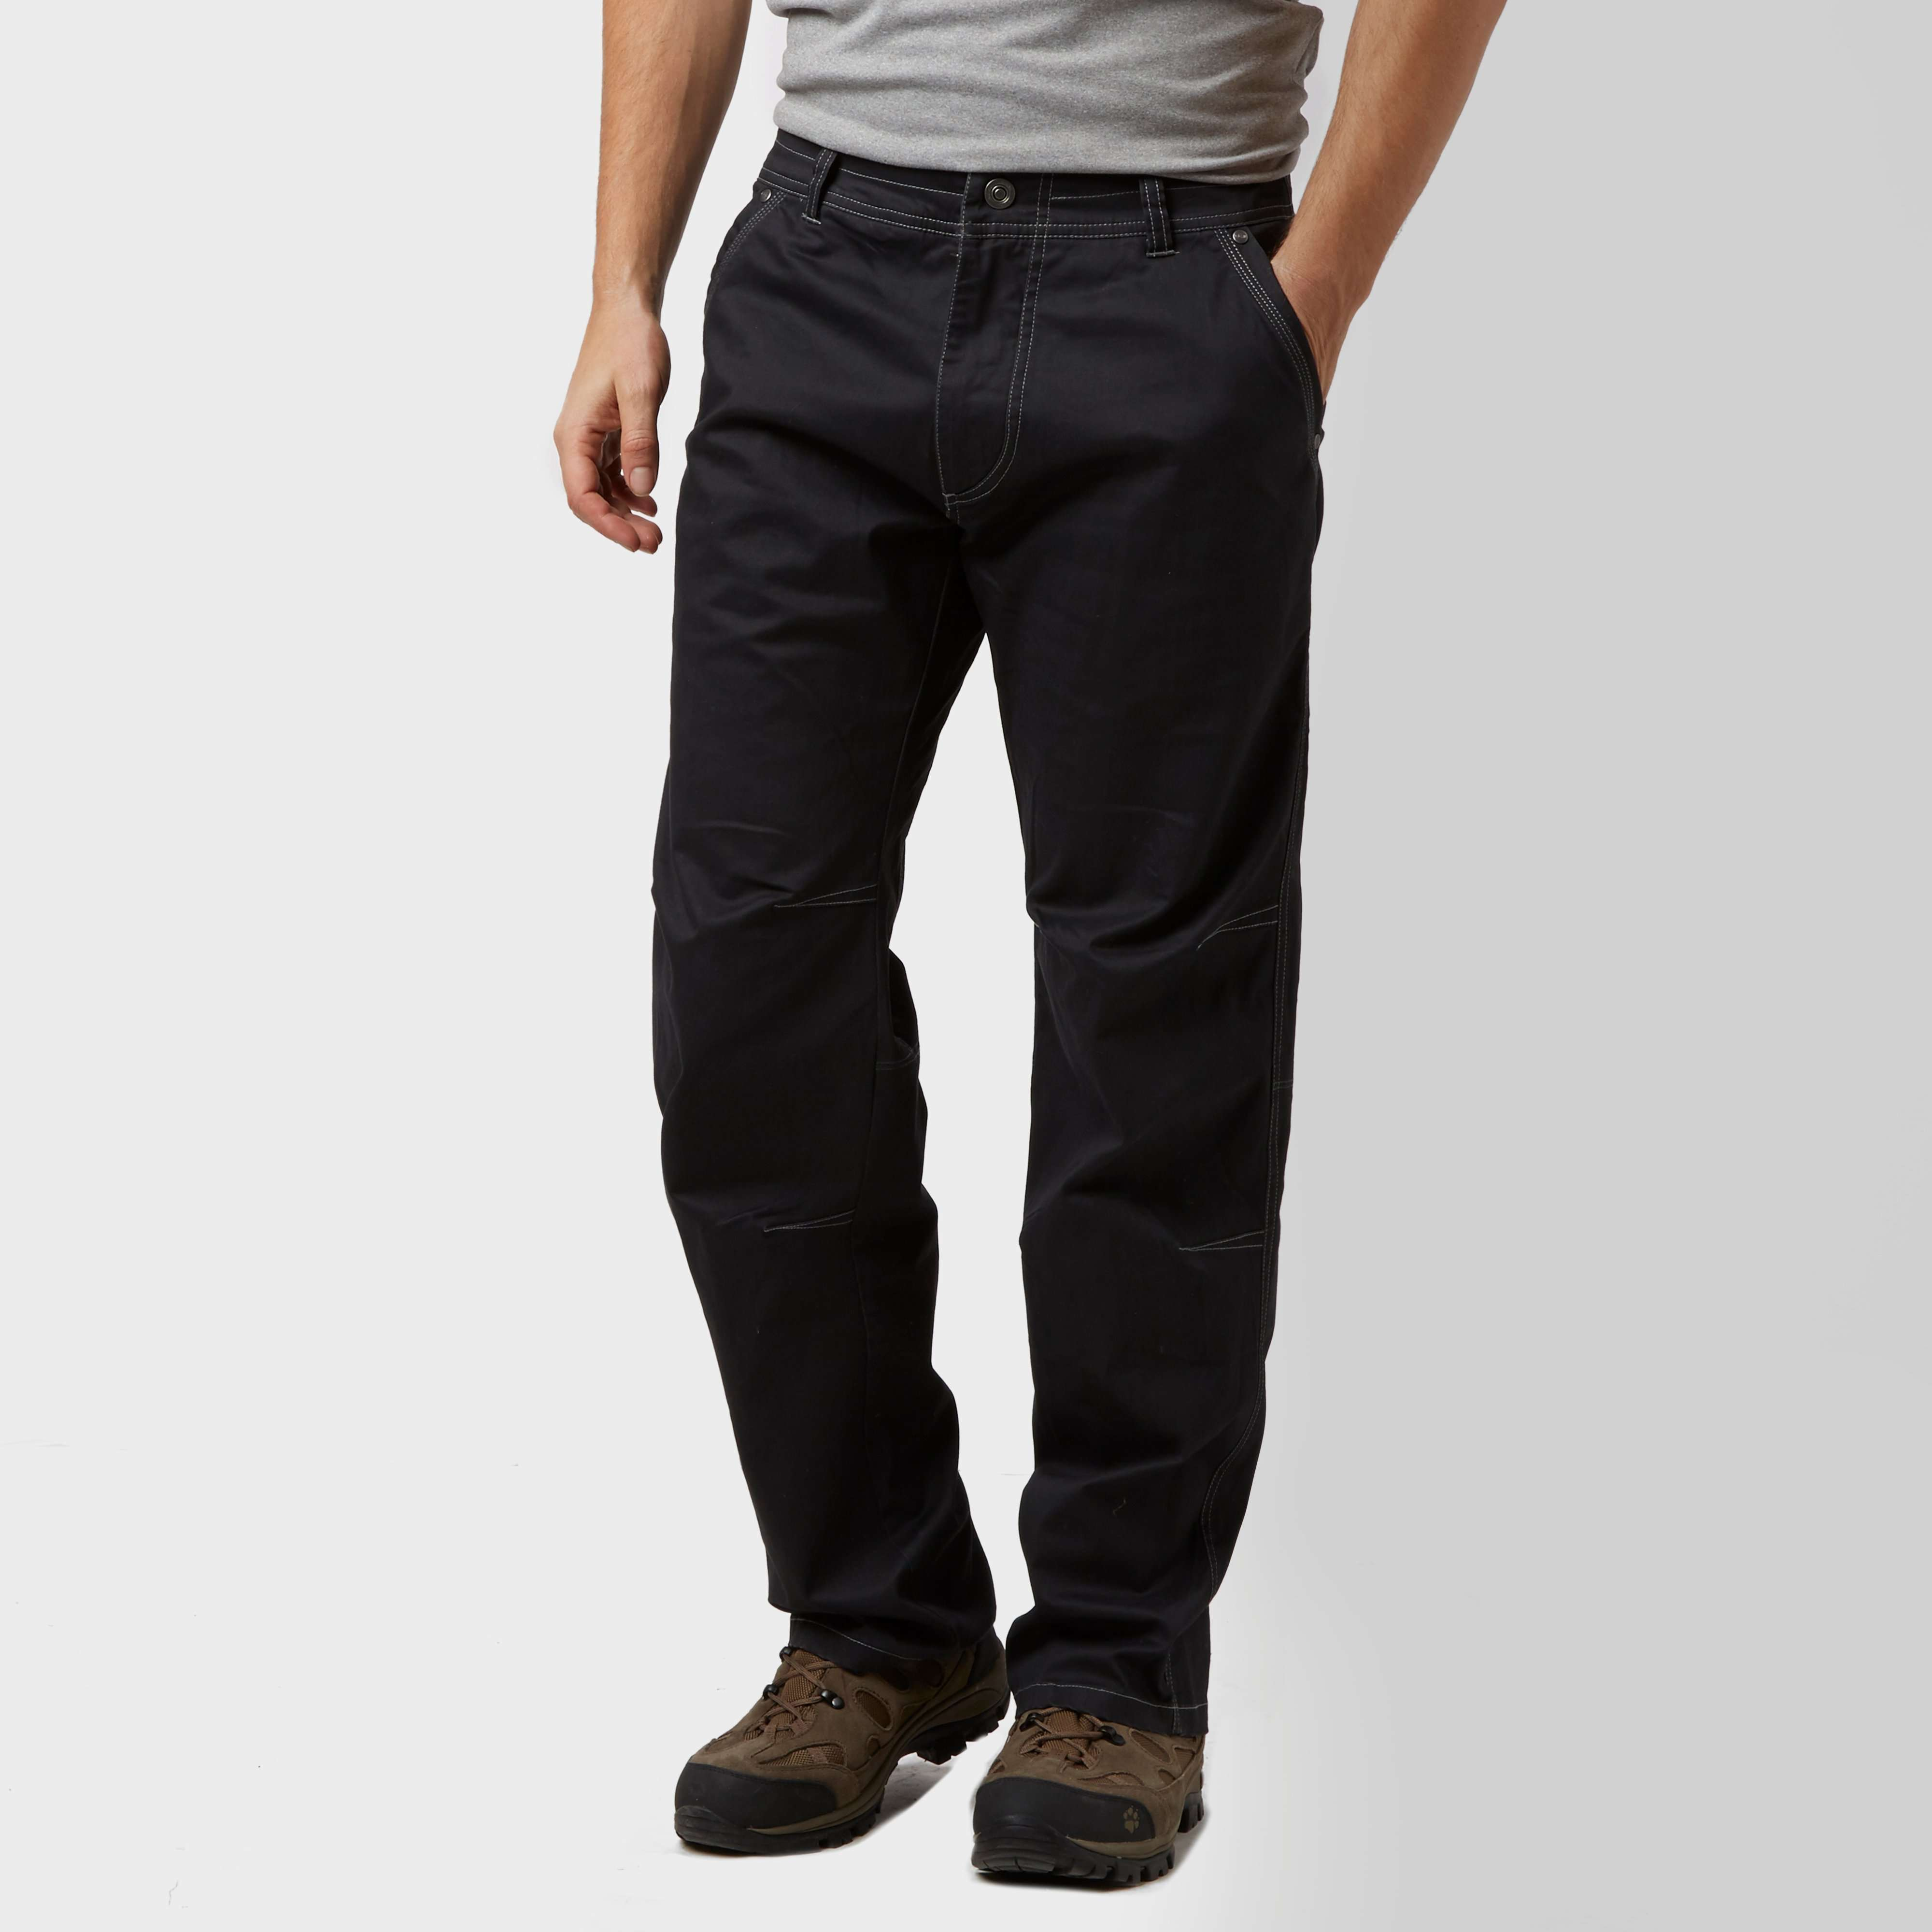 KUHL Men's Slackr Trousers